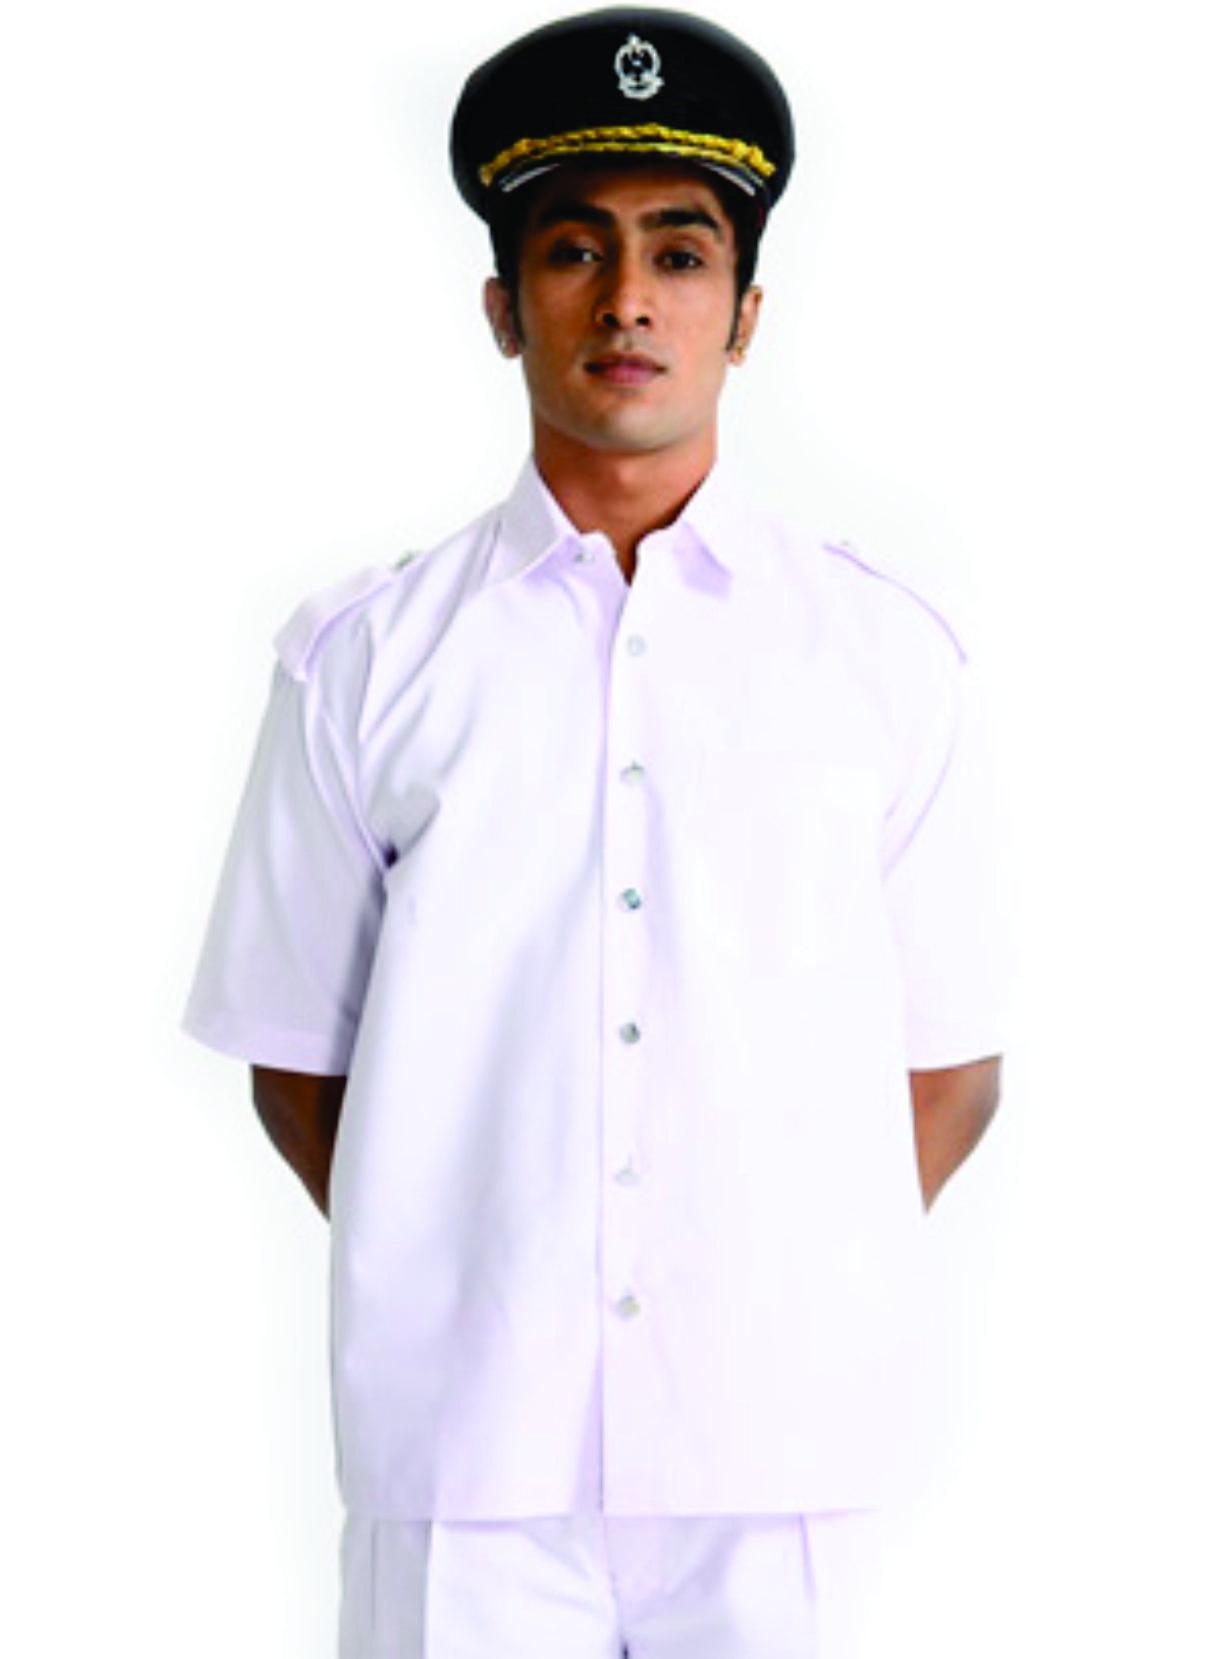 Driver Uniform 02